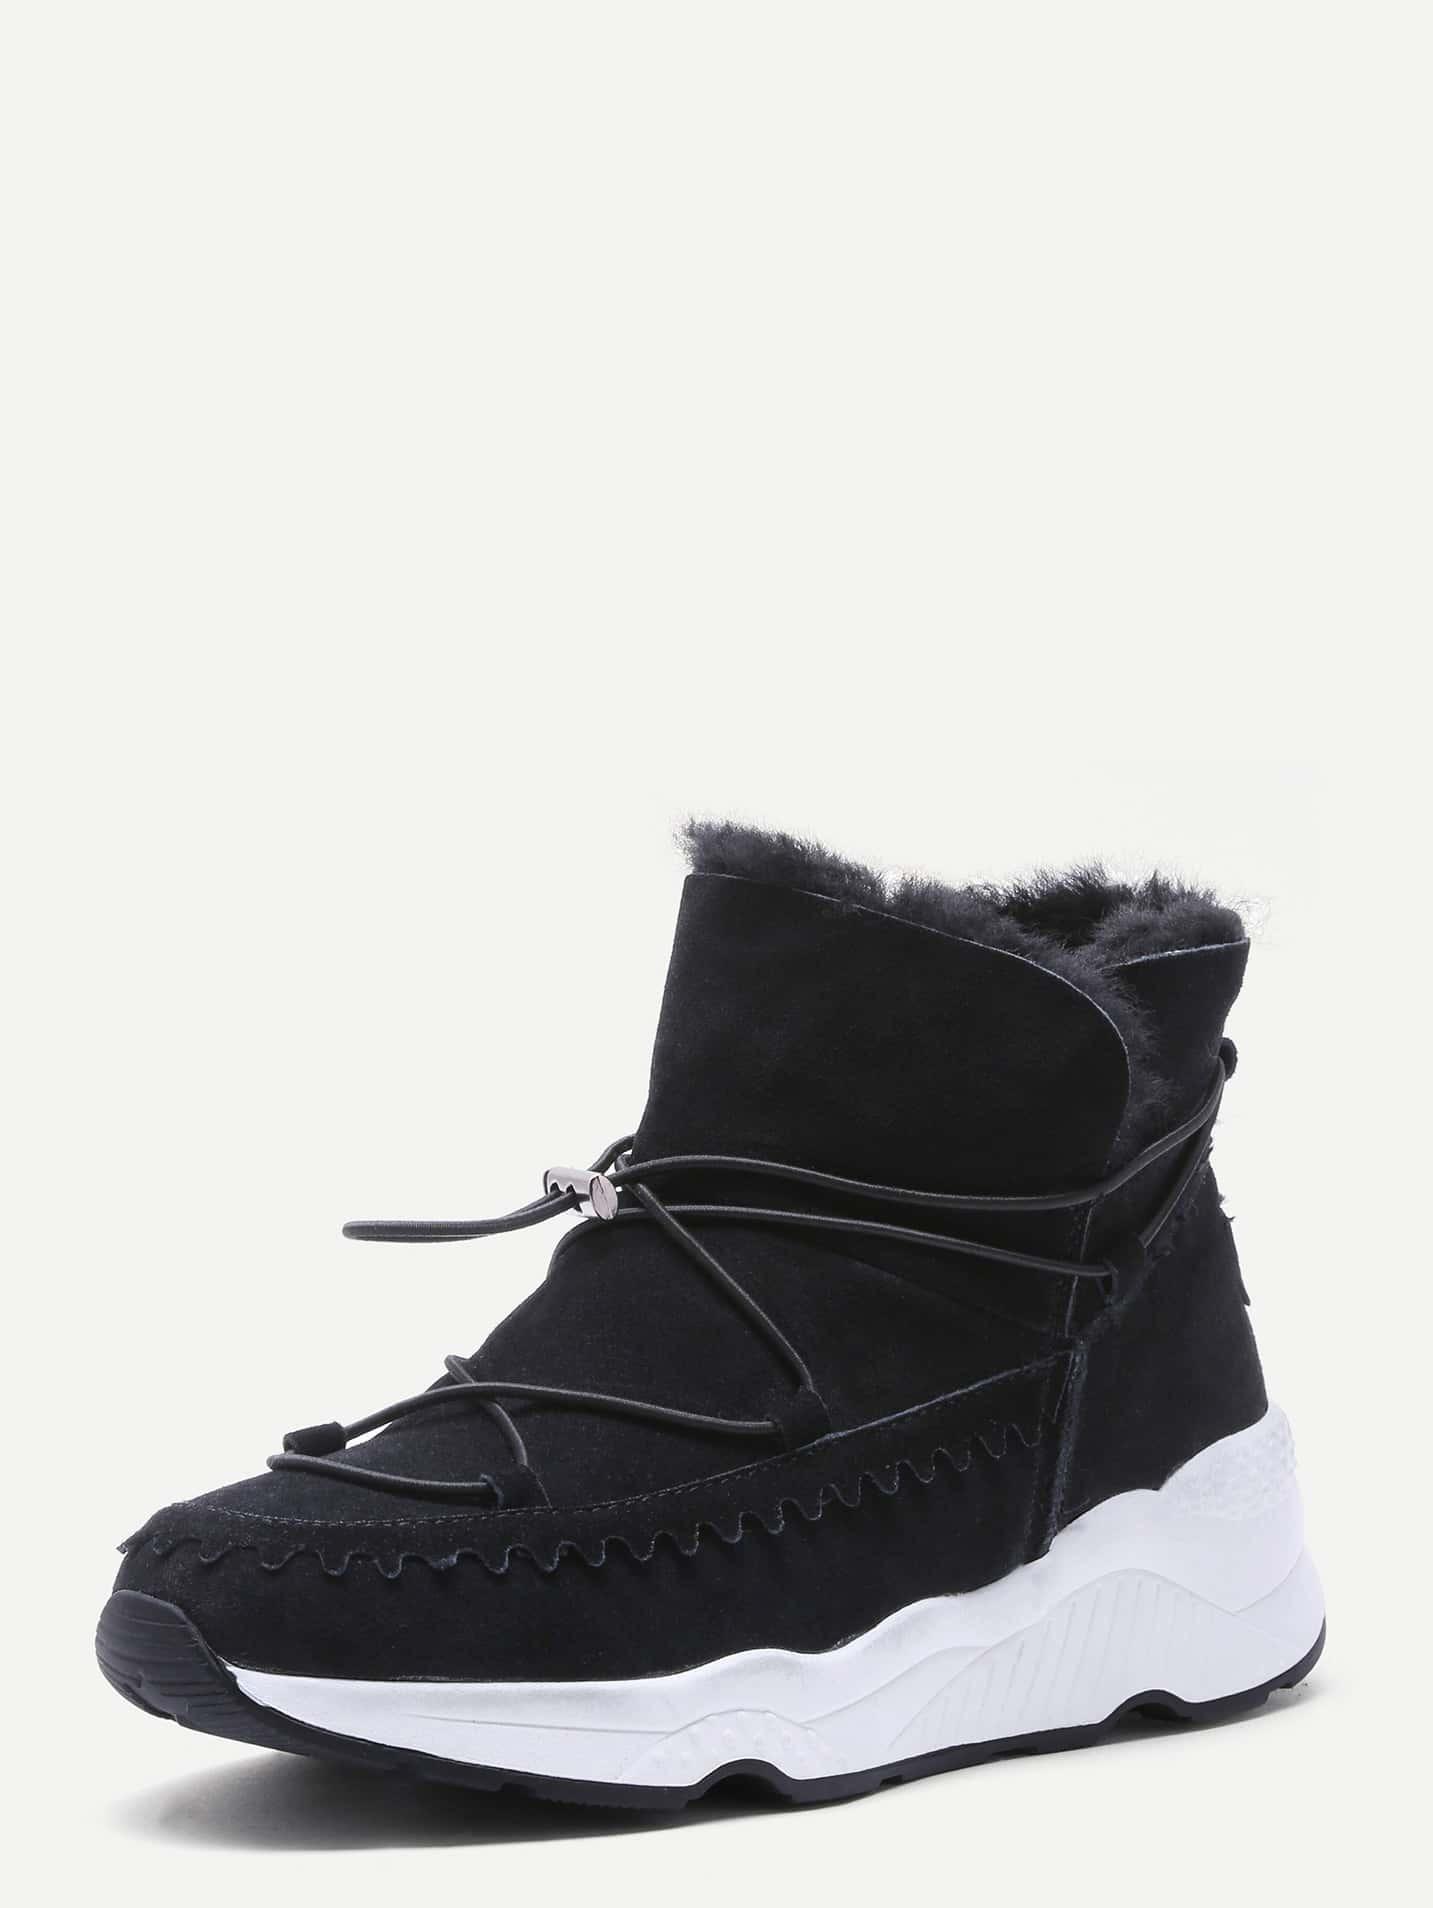 shoes161216801_2